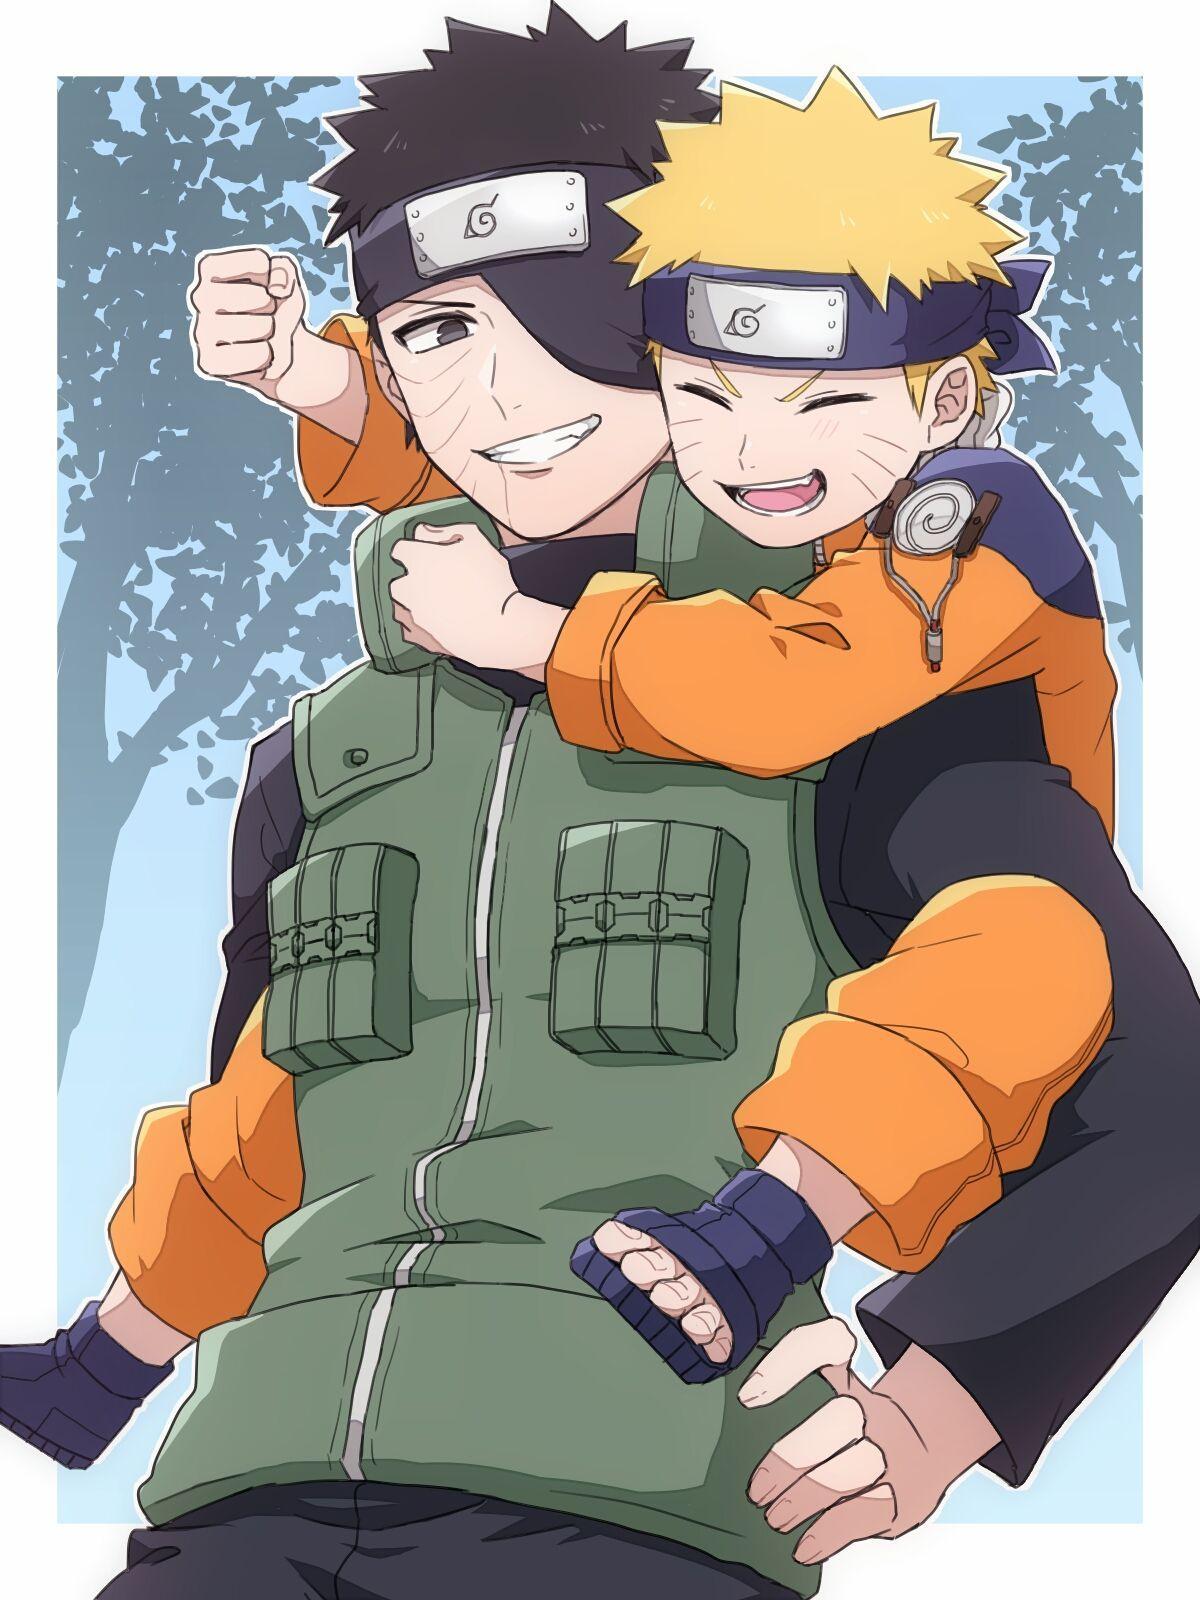 Related image   Naruto, Naruto bilder, Naruto süß